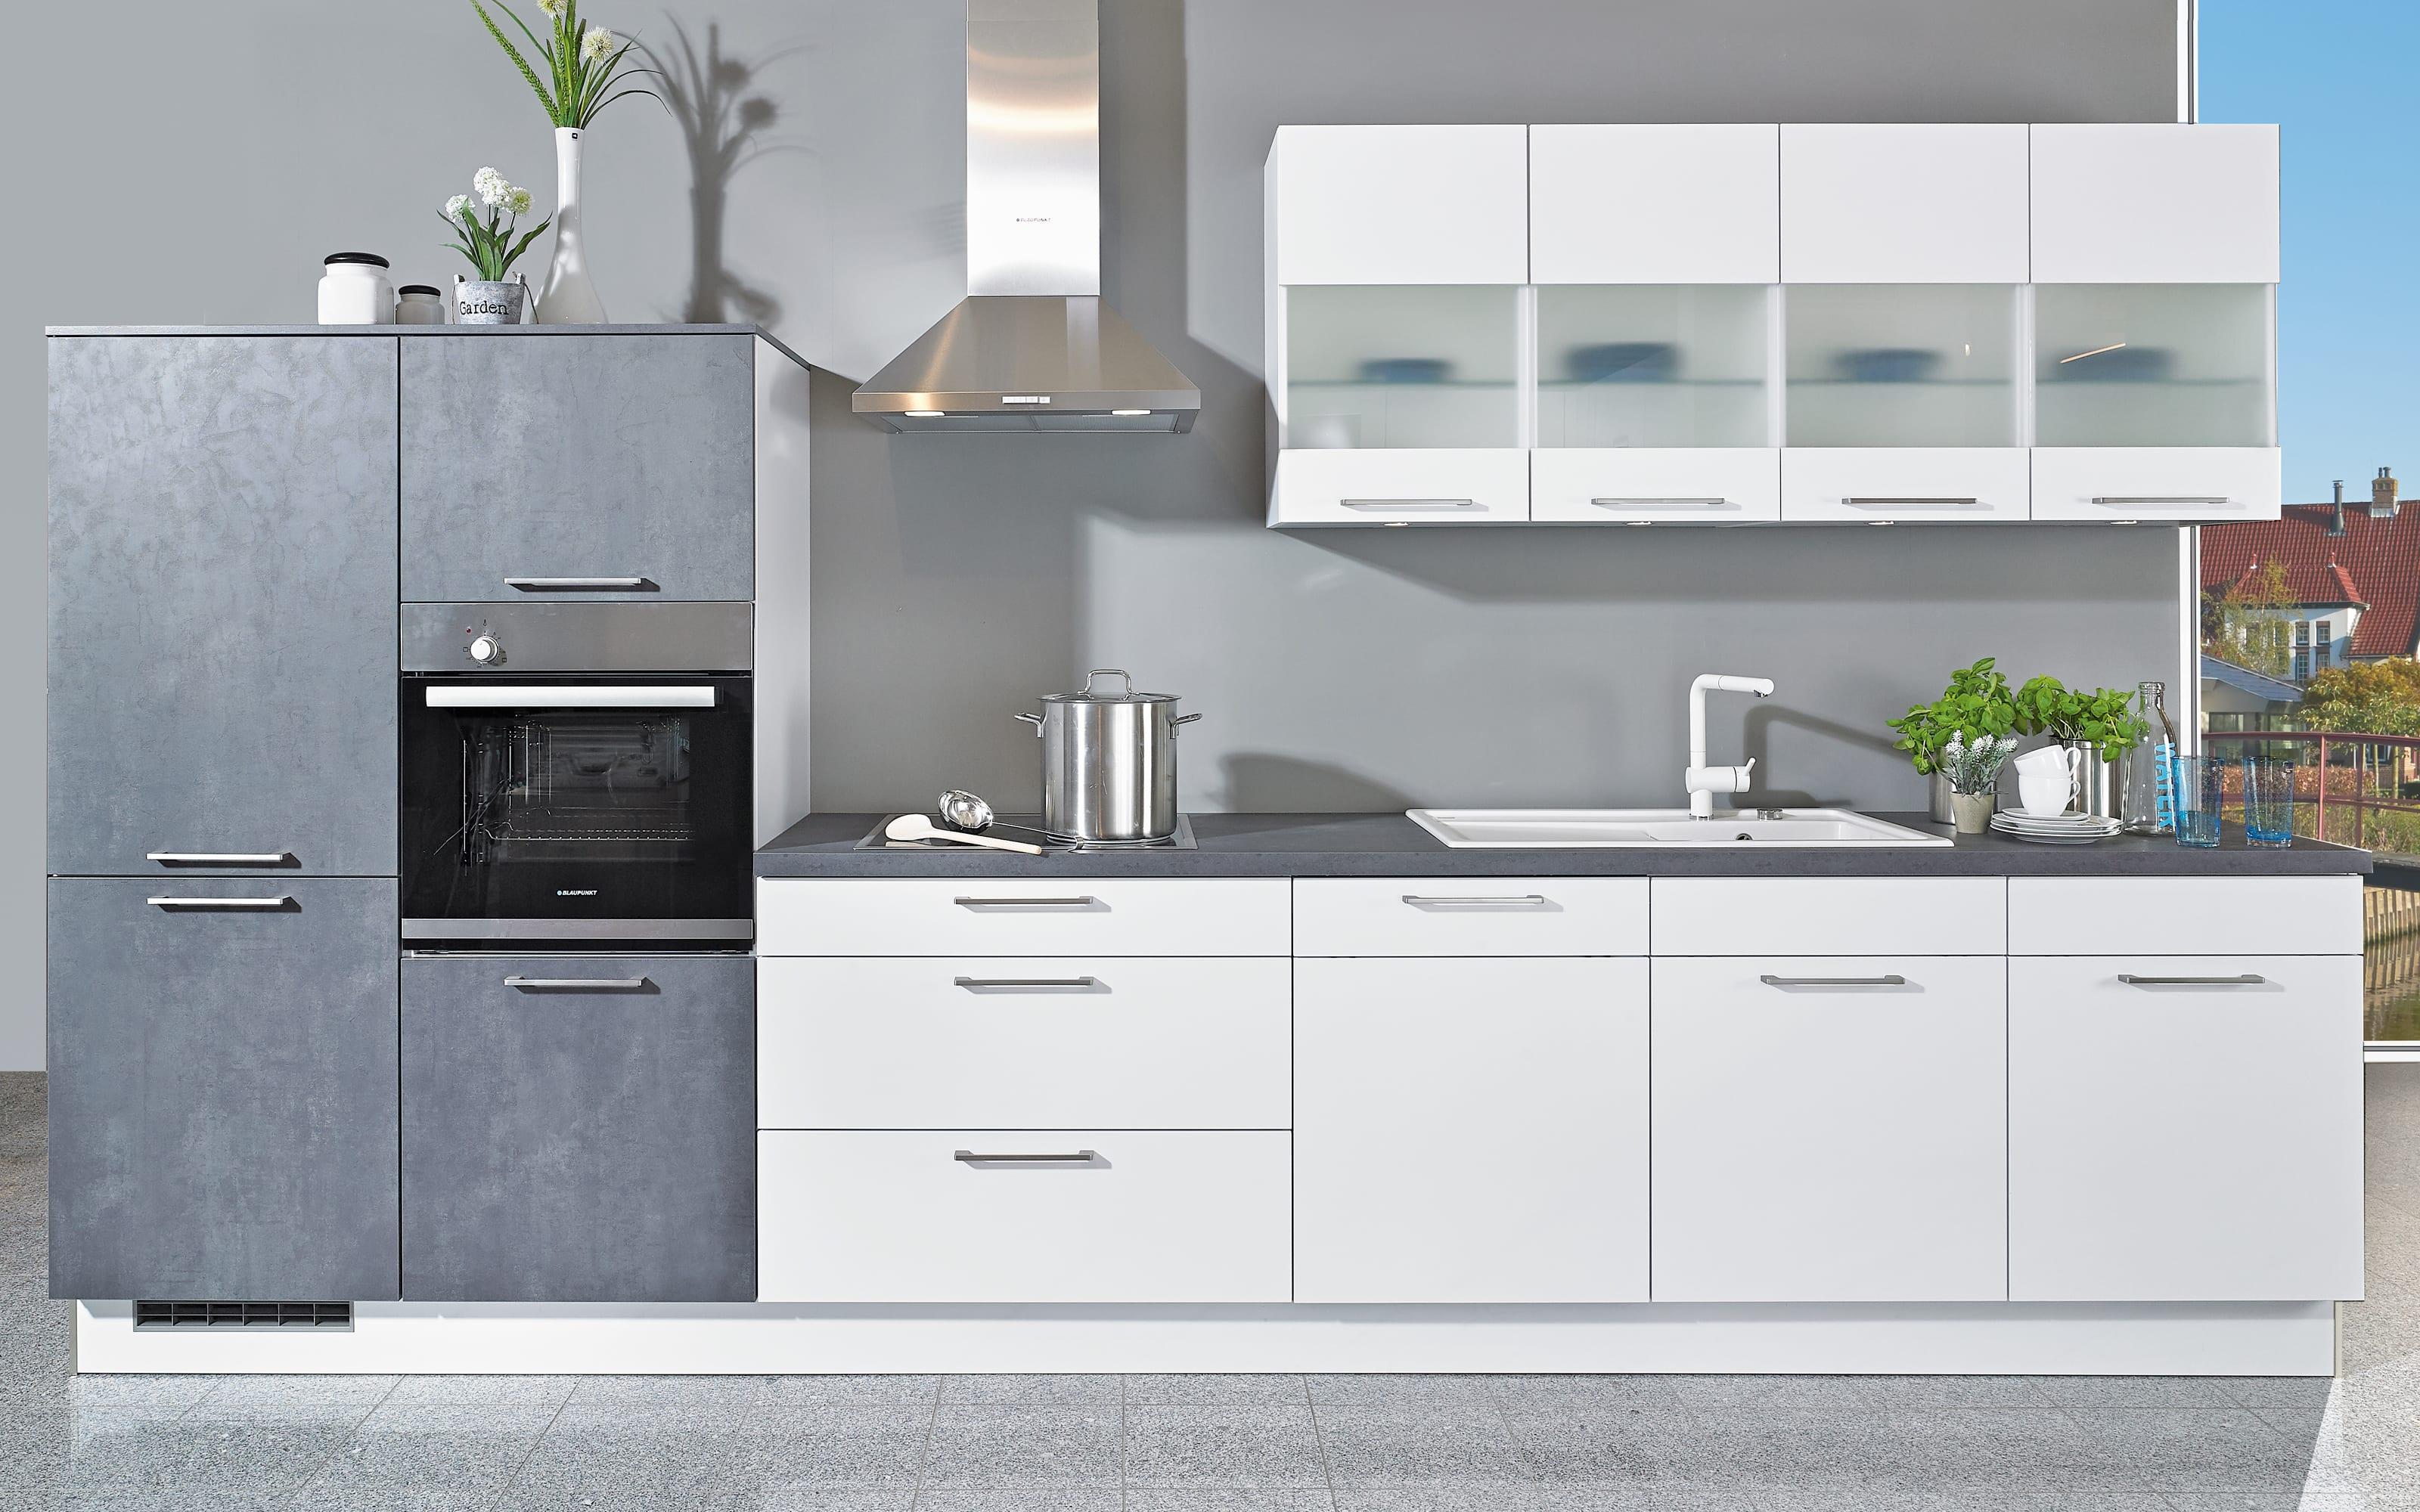 Einbauküche Uno, weiß, inklusive Bauknecht Elektrogeräte